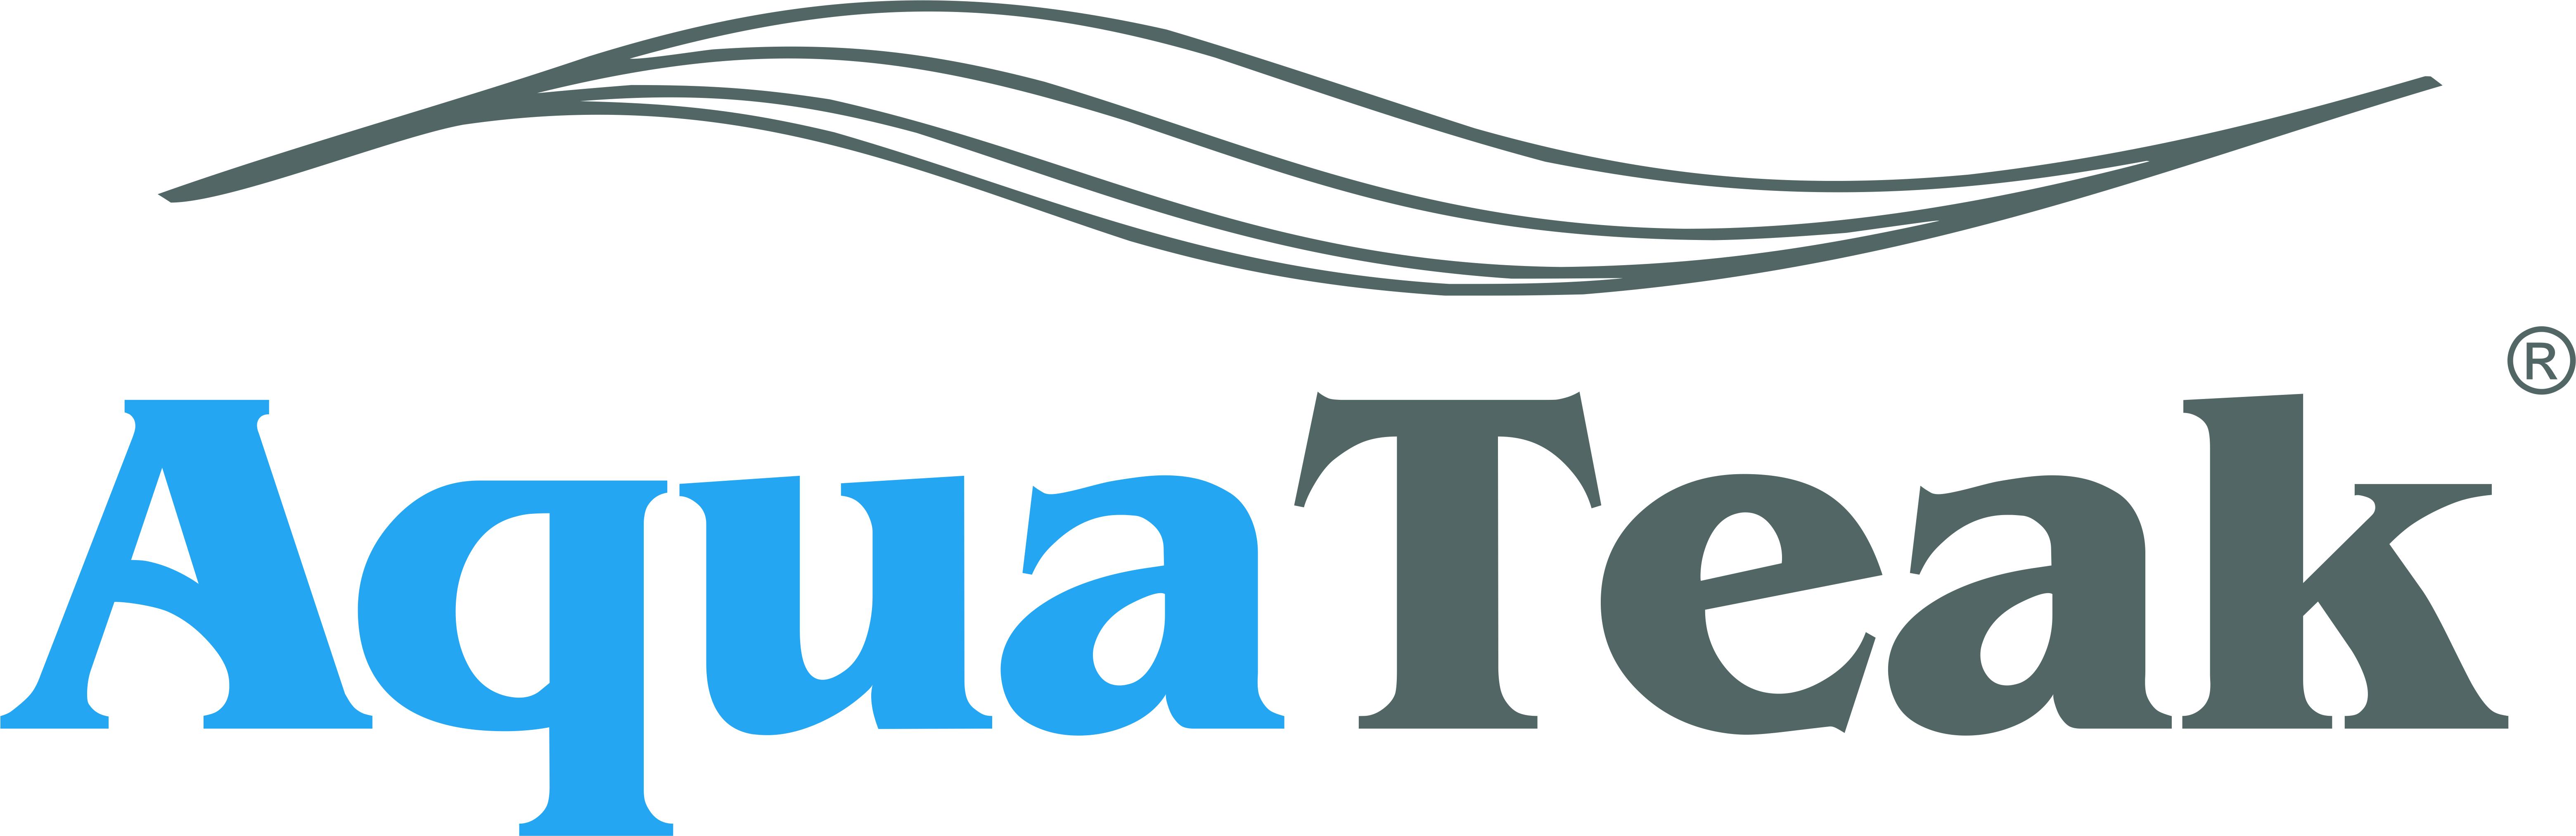 Aqua Teak